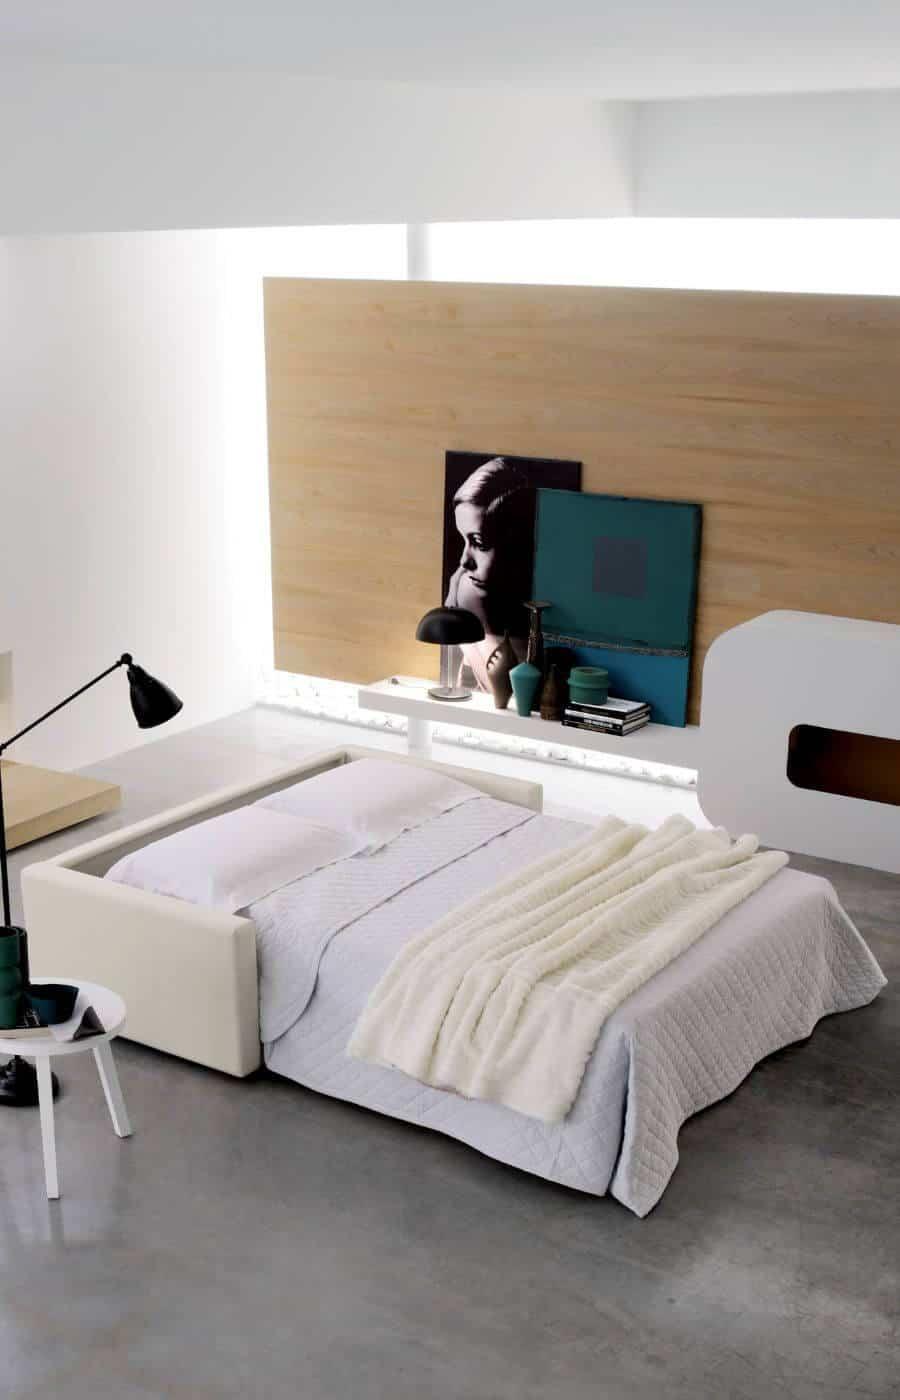 divani-letto-collezione-danubio-il-mobile (2)